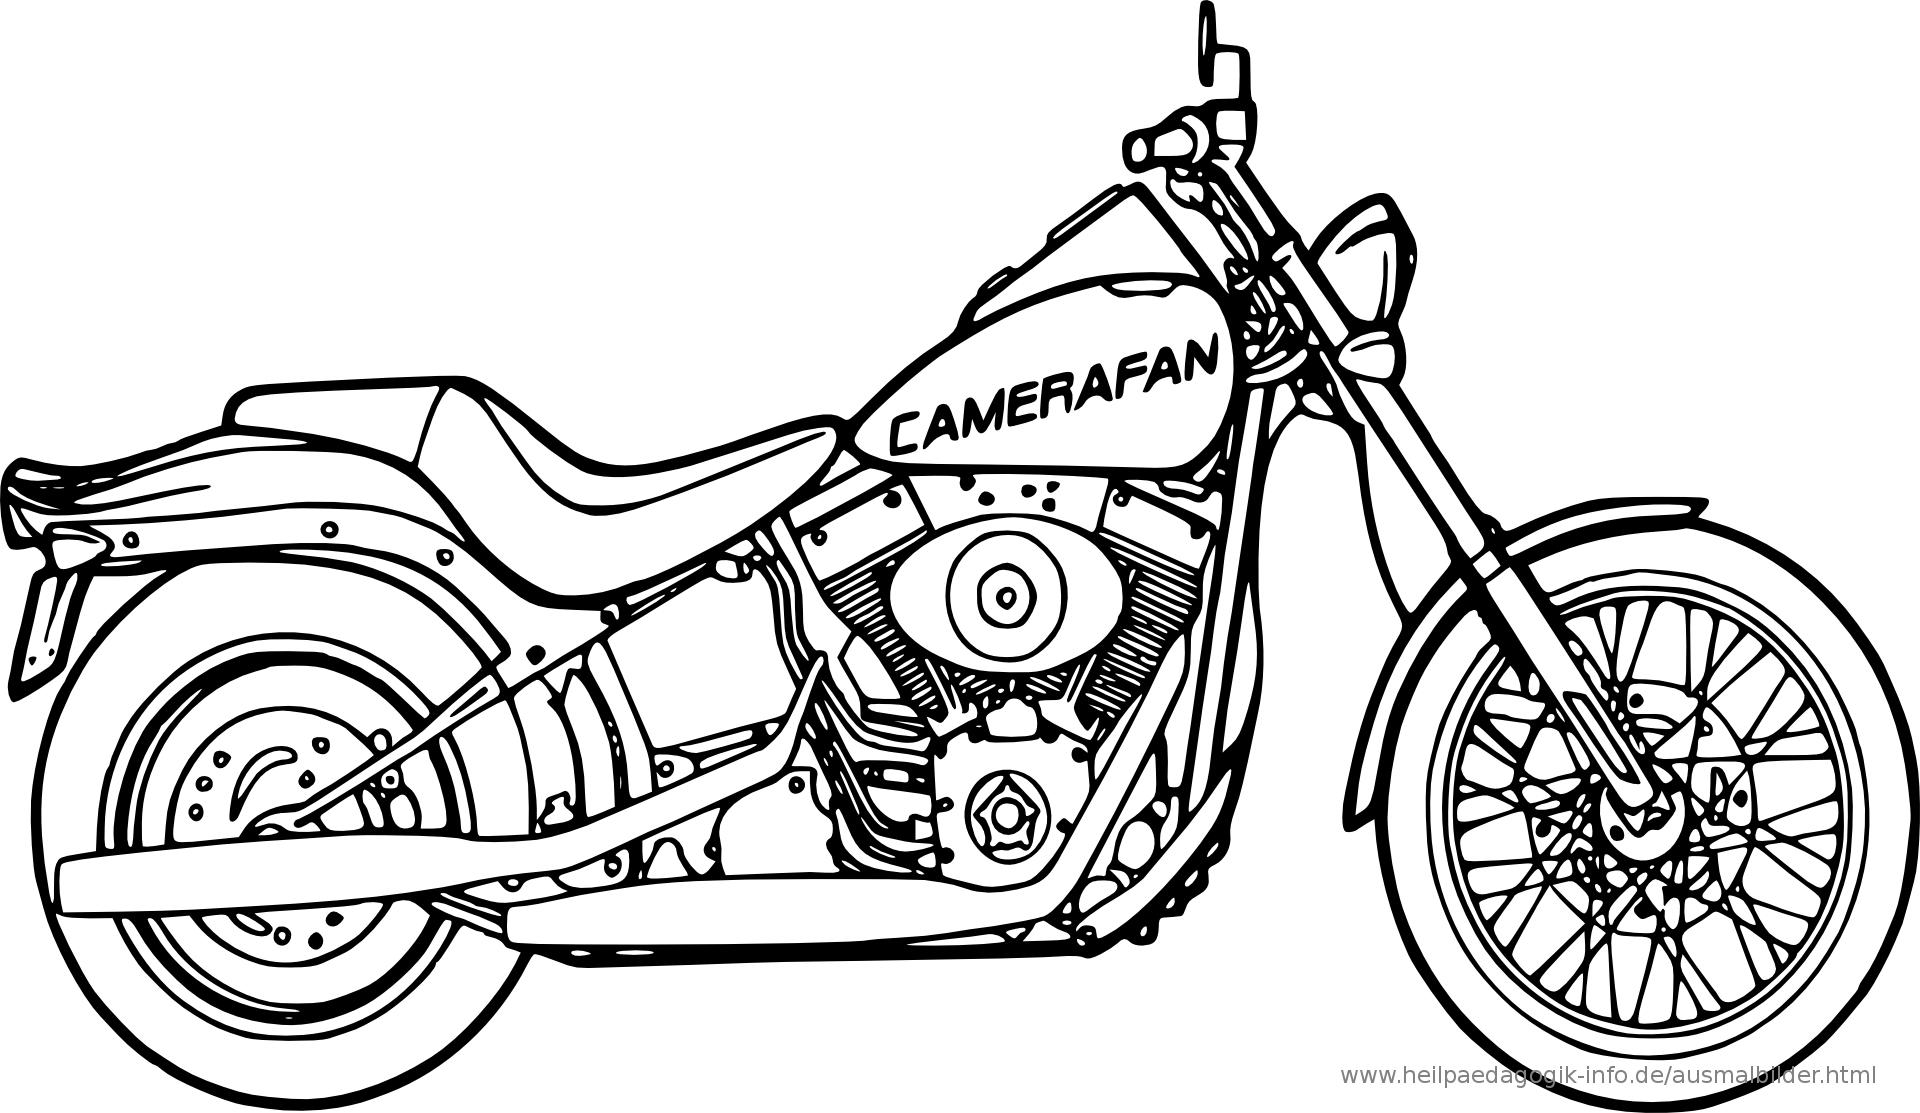 Kostenlose Malvorlagen Motorrad | Coloring And Malvorlagan innen Motorrad Ausmalbilder